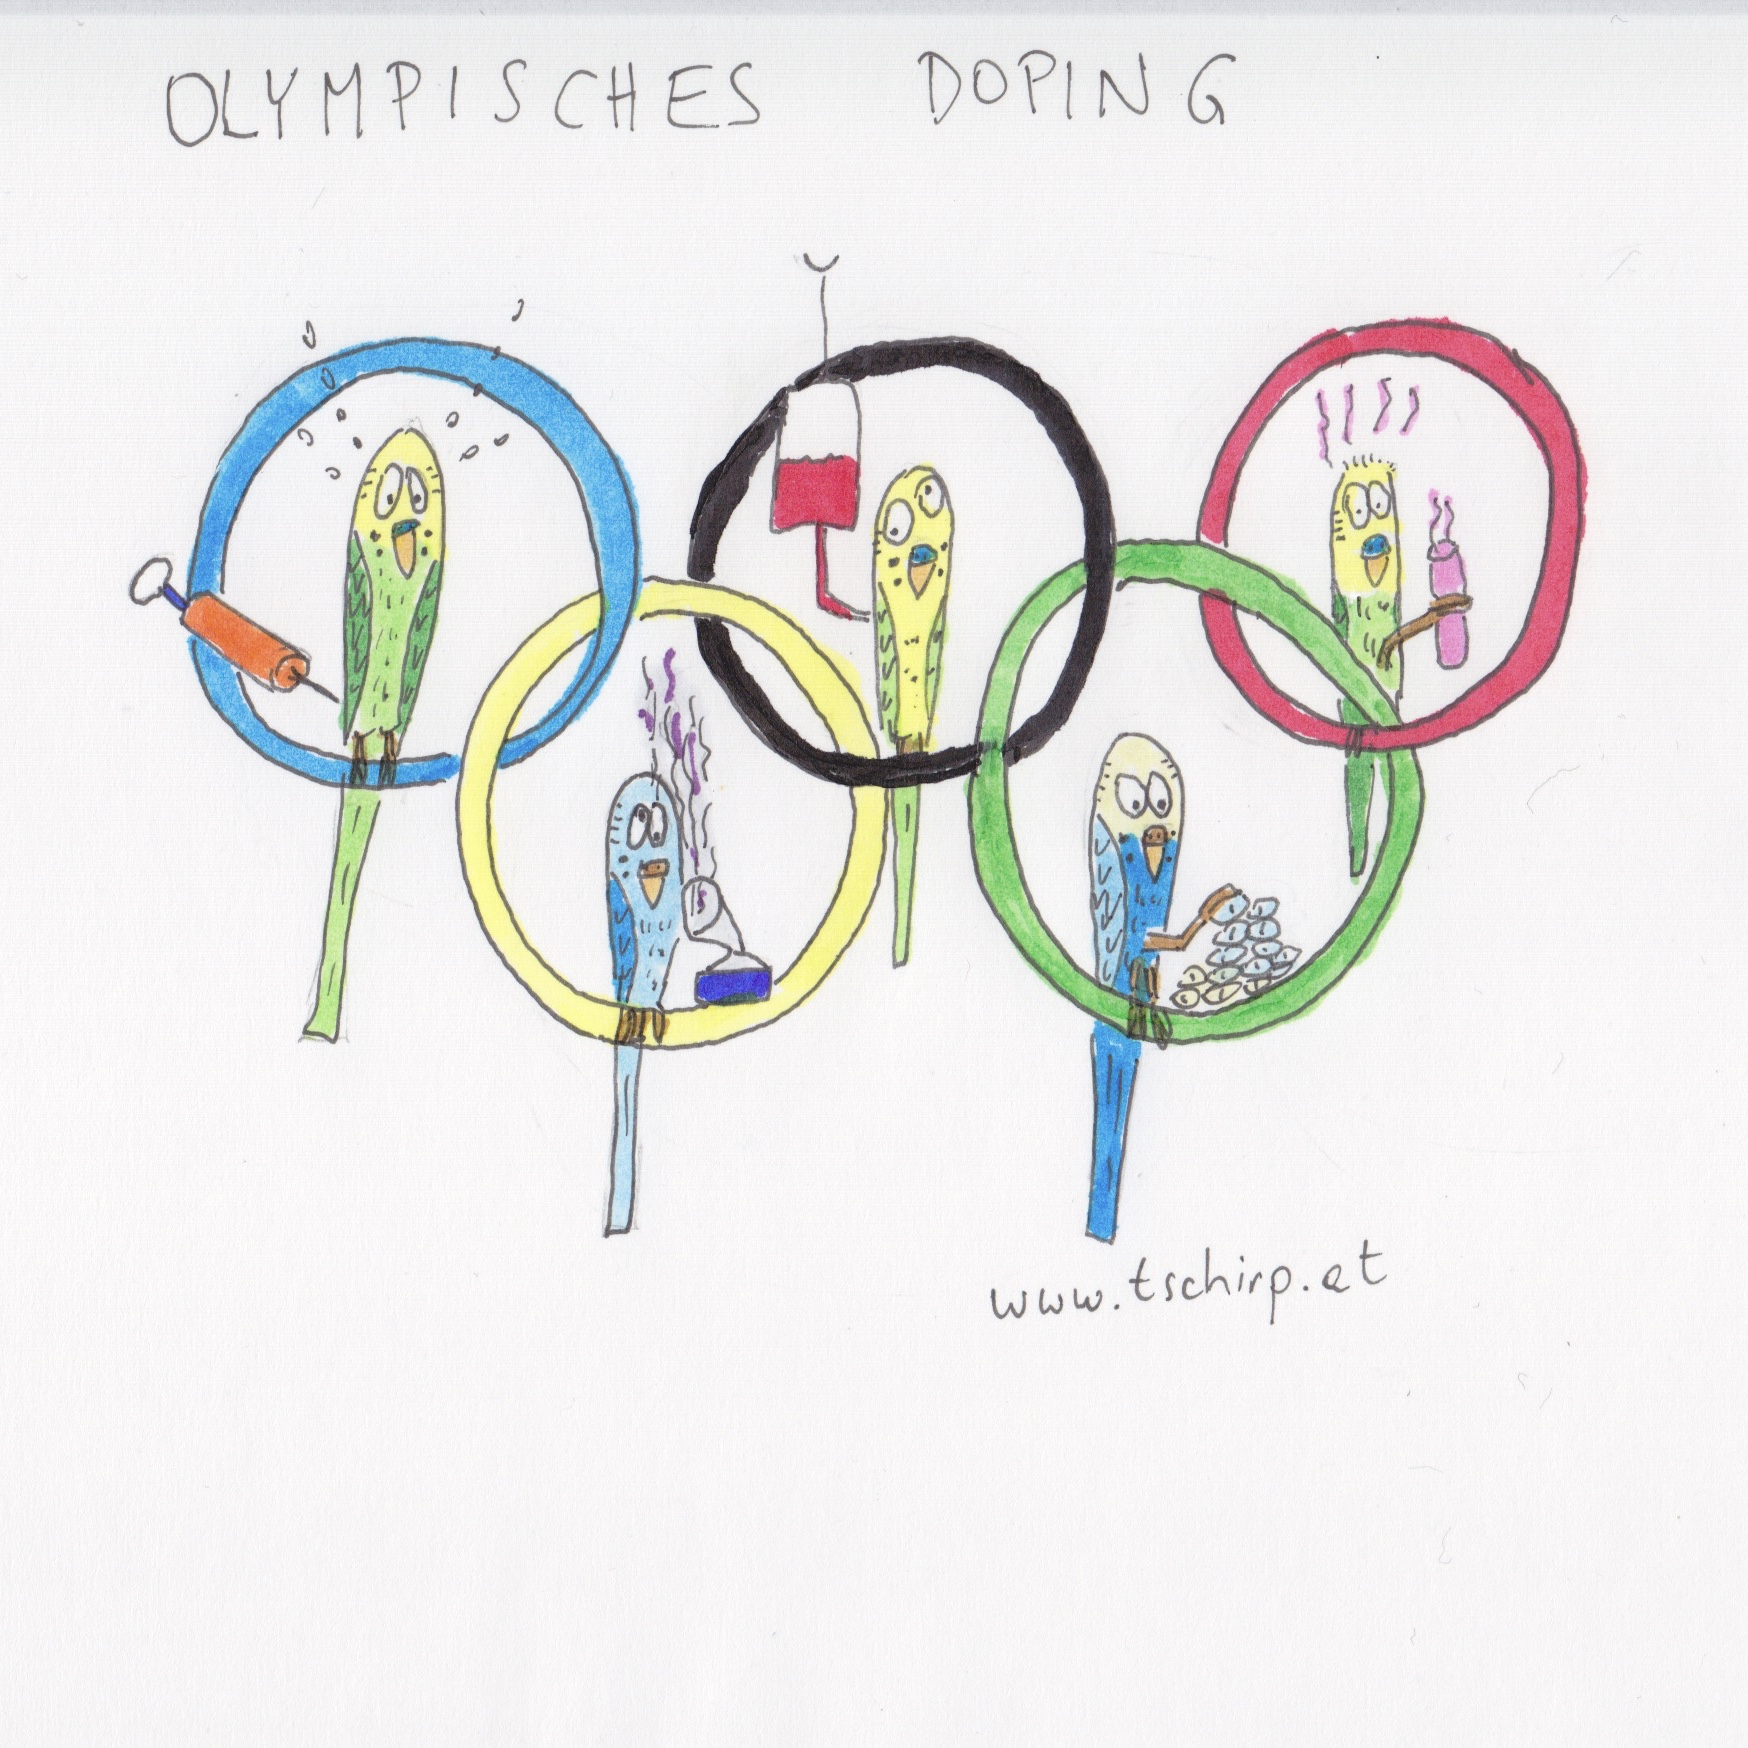 Olympia, Olympics2016, Doping